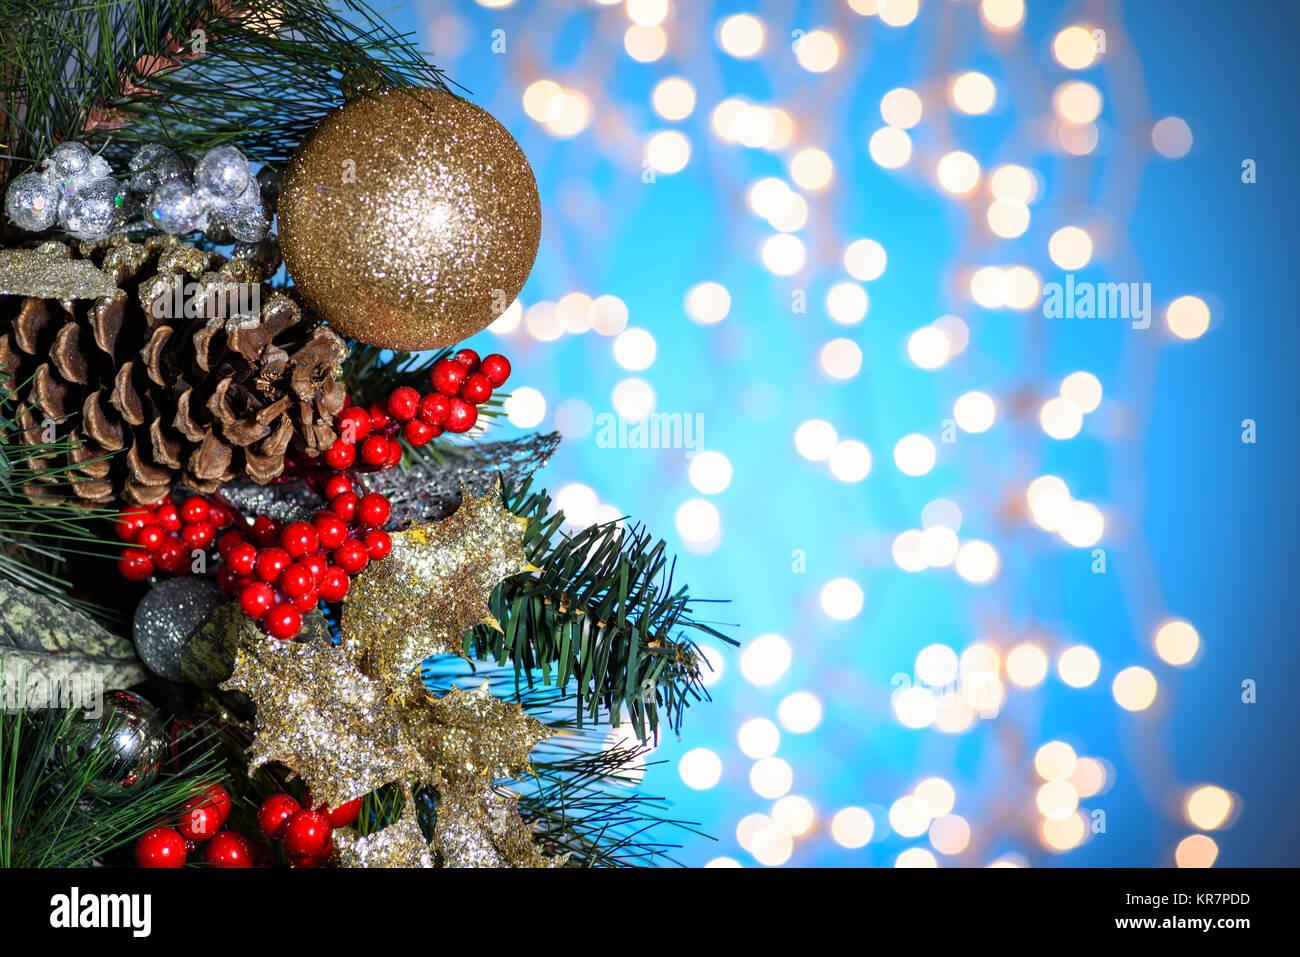 Weihnachtsdekor, Ornamente. Tannenzweigen, Stechpalme Beeren, Pine ...